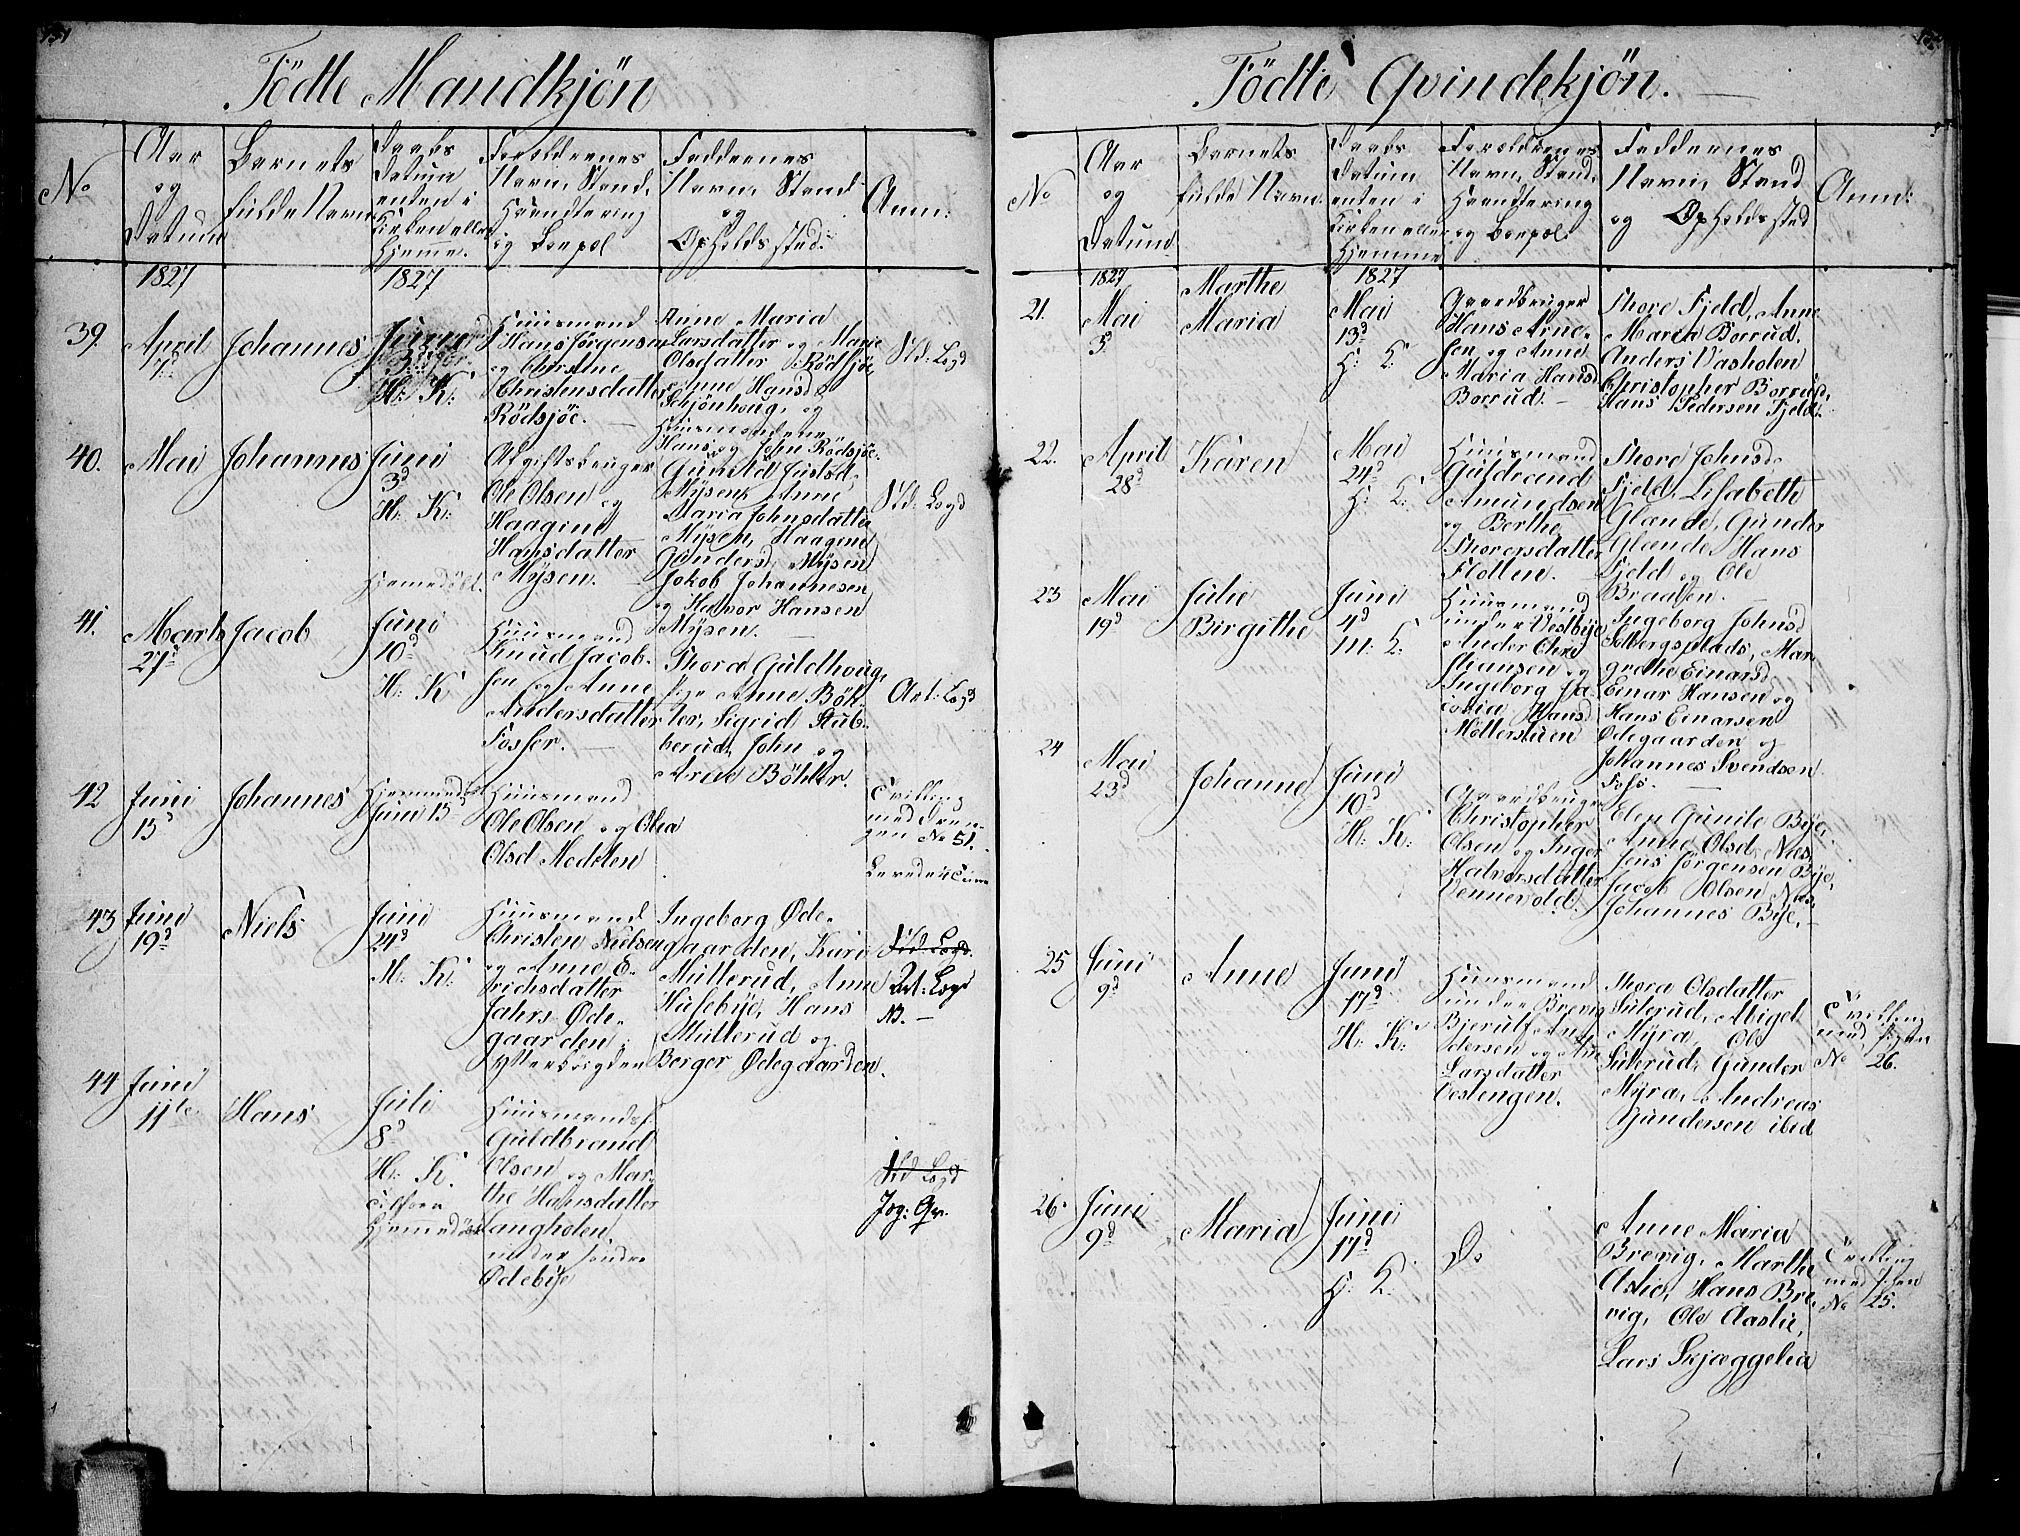 SAO, Enebakk prestekontor Kirkebøker, G/Ga/L0002: Klokkerbok nr. I 2, 1822-1833, s. 151-152